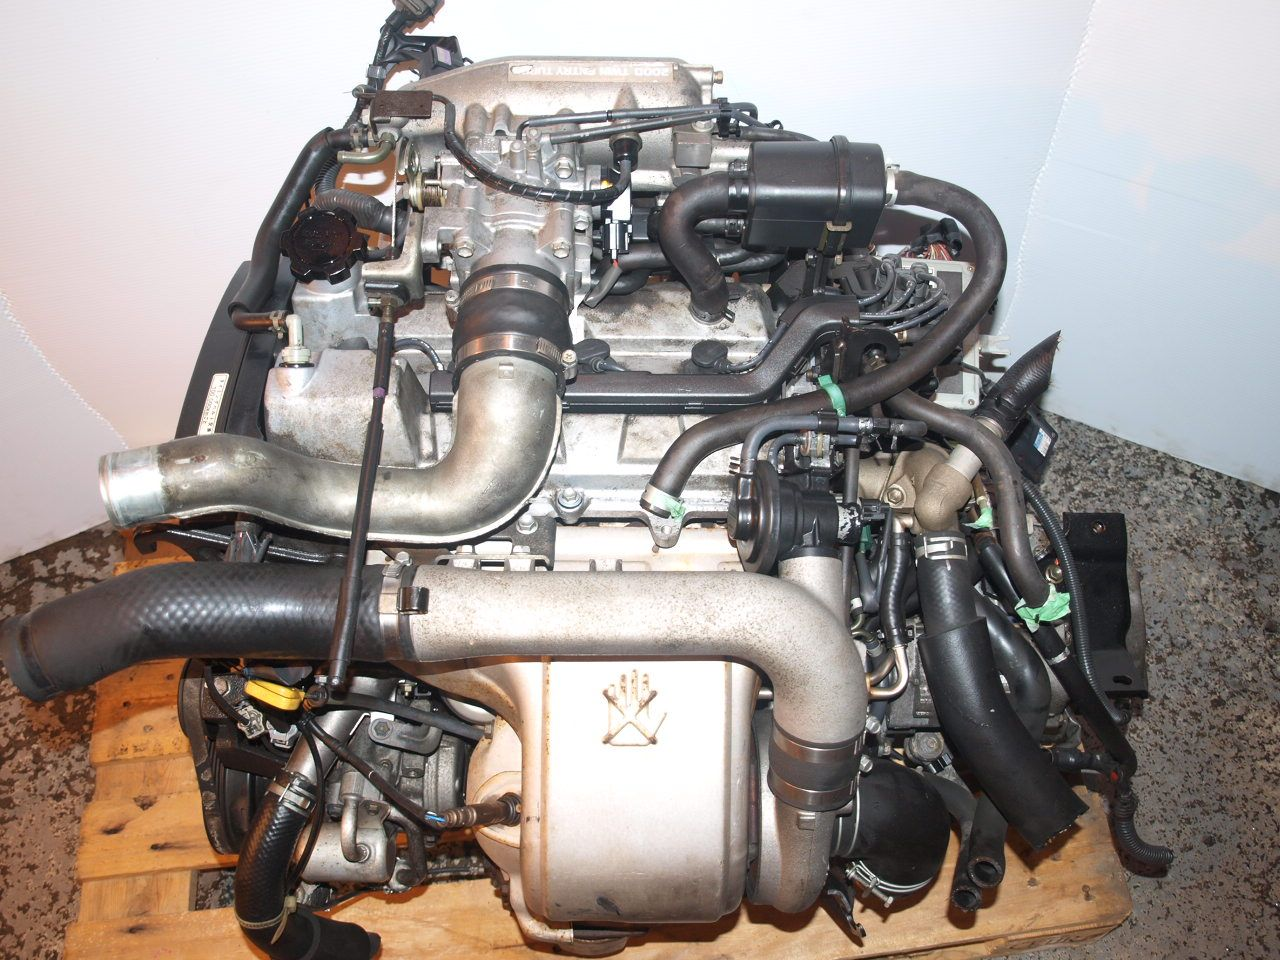 94-99 JDM 3SGTE MR2 COMPLETE ENGINE, TURBO, 5SPD TRANSMISSION | For